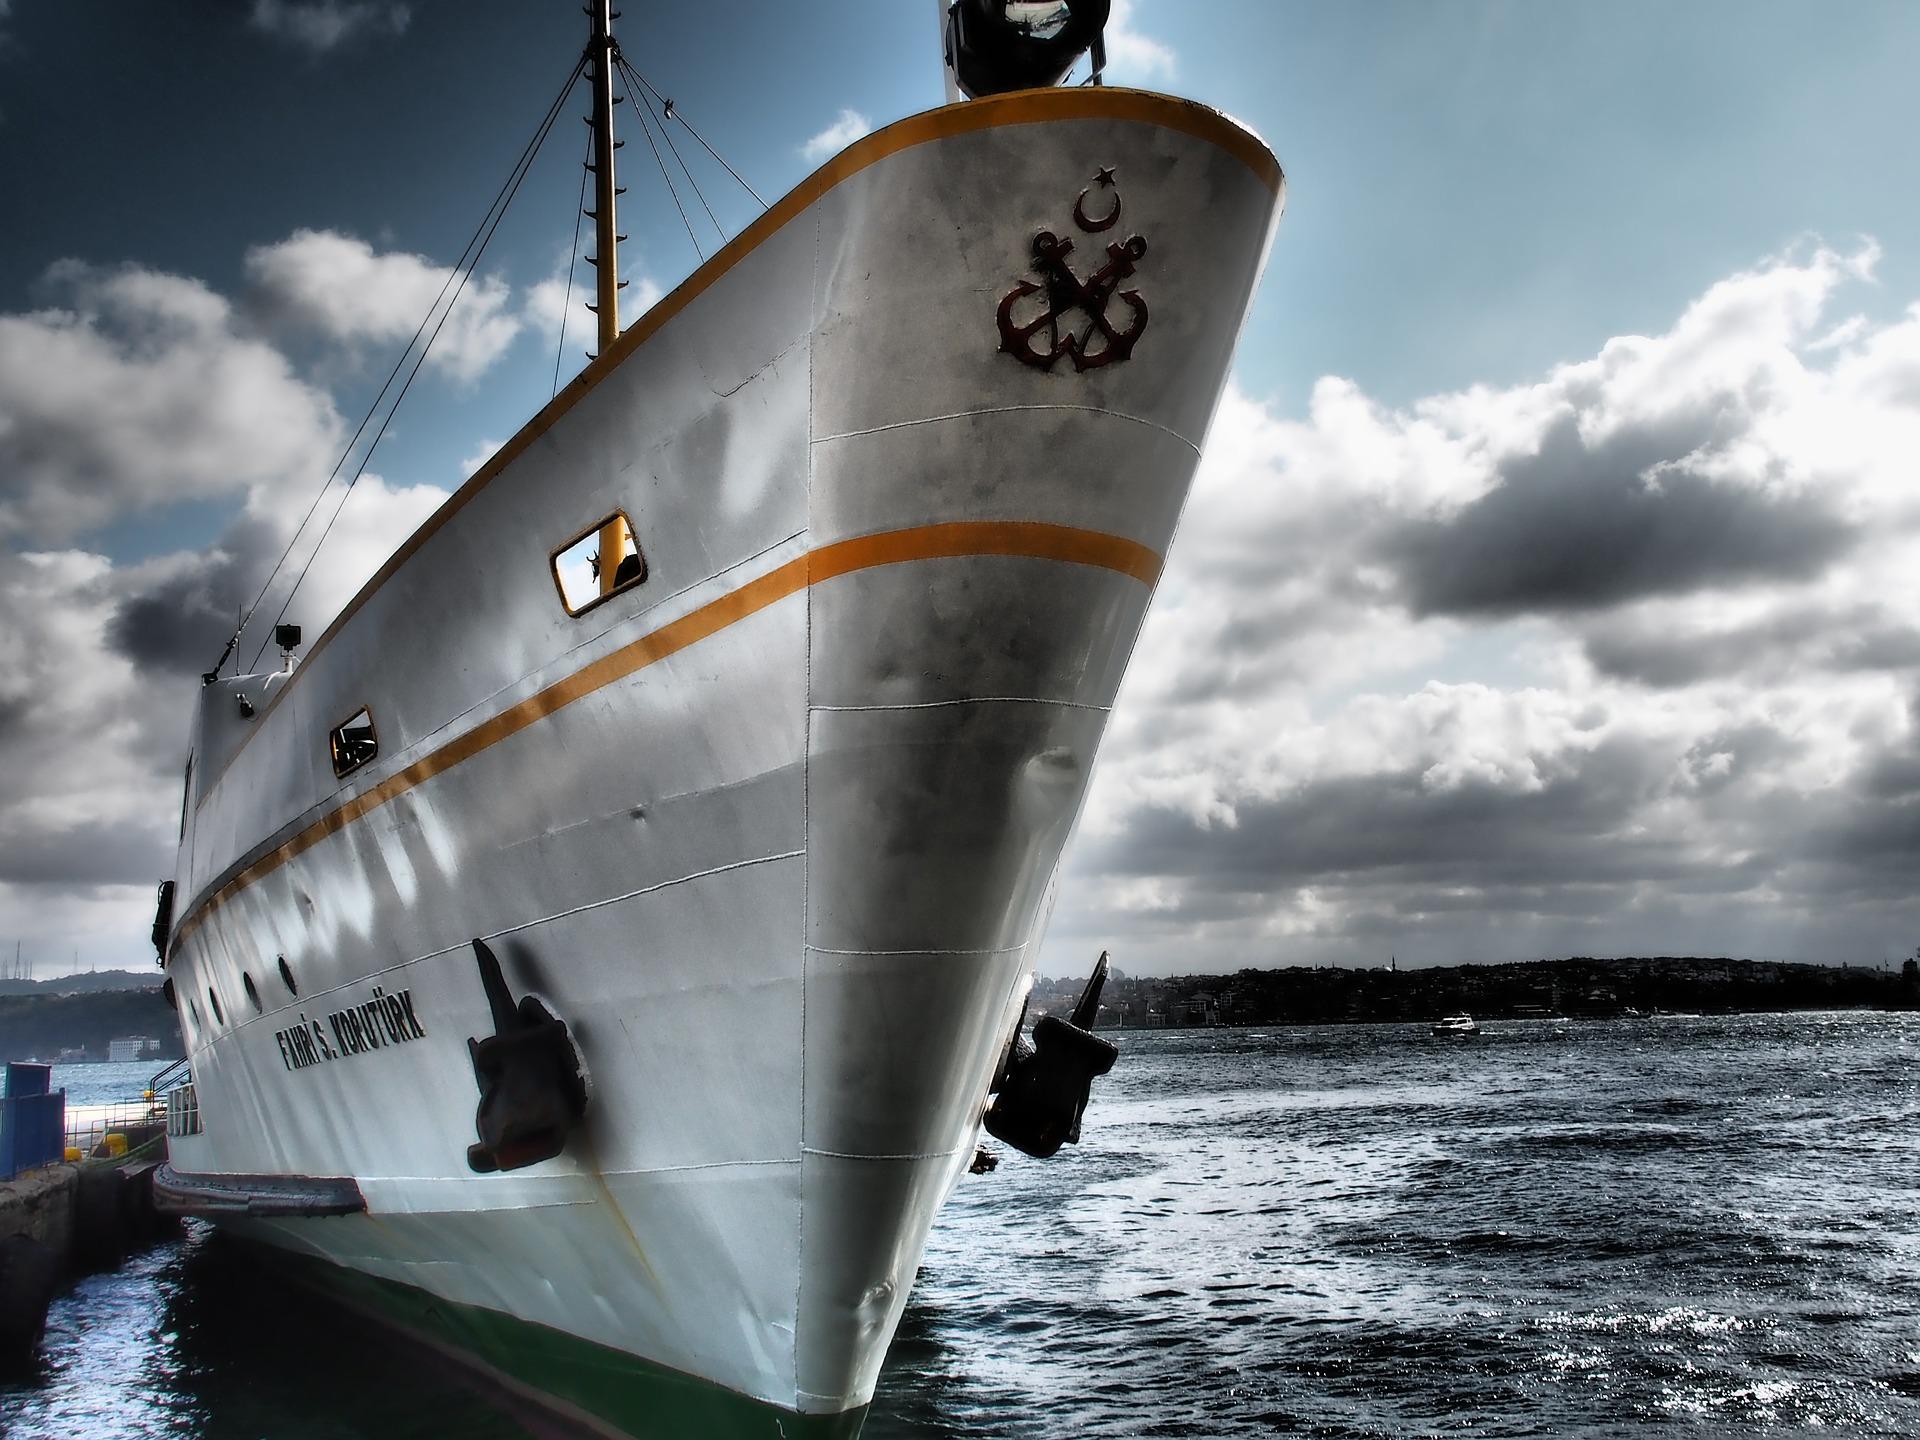 Boot, Schiff, Fähre, Meer, Anker, Himmel, Wolken - Wallpaper HD - Prof.-falken.com